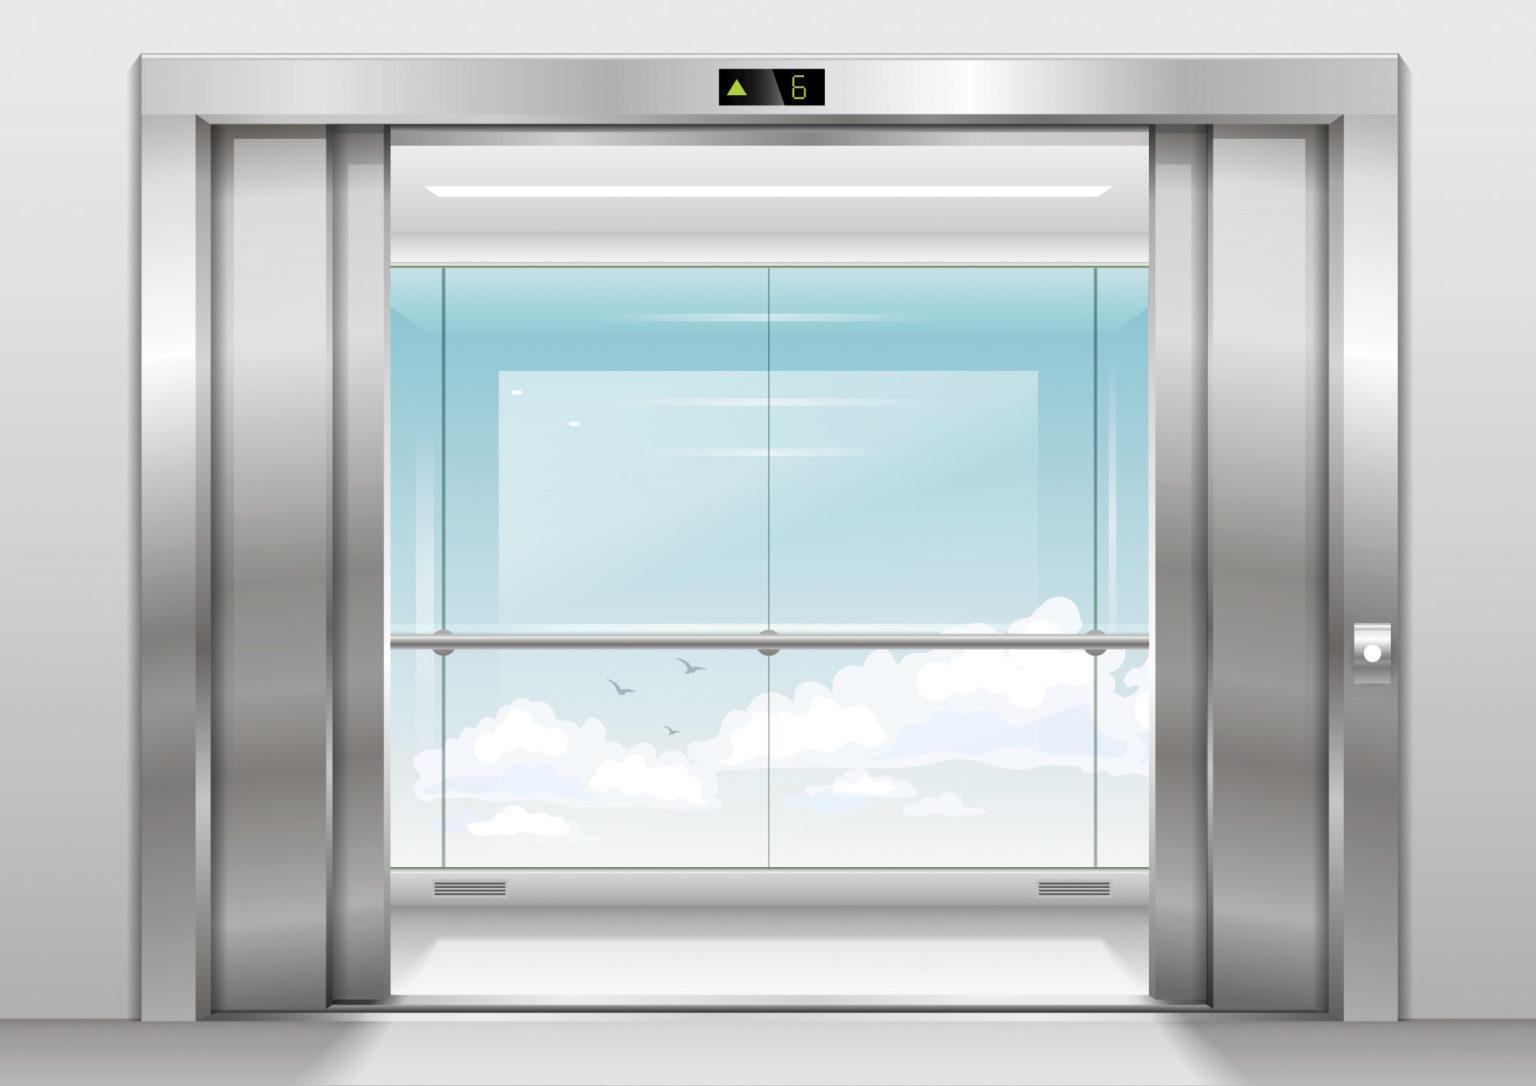 elevator cab interior design